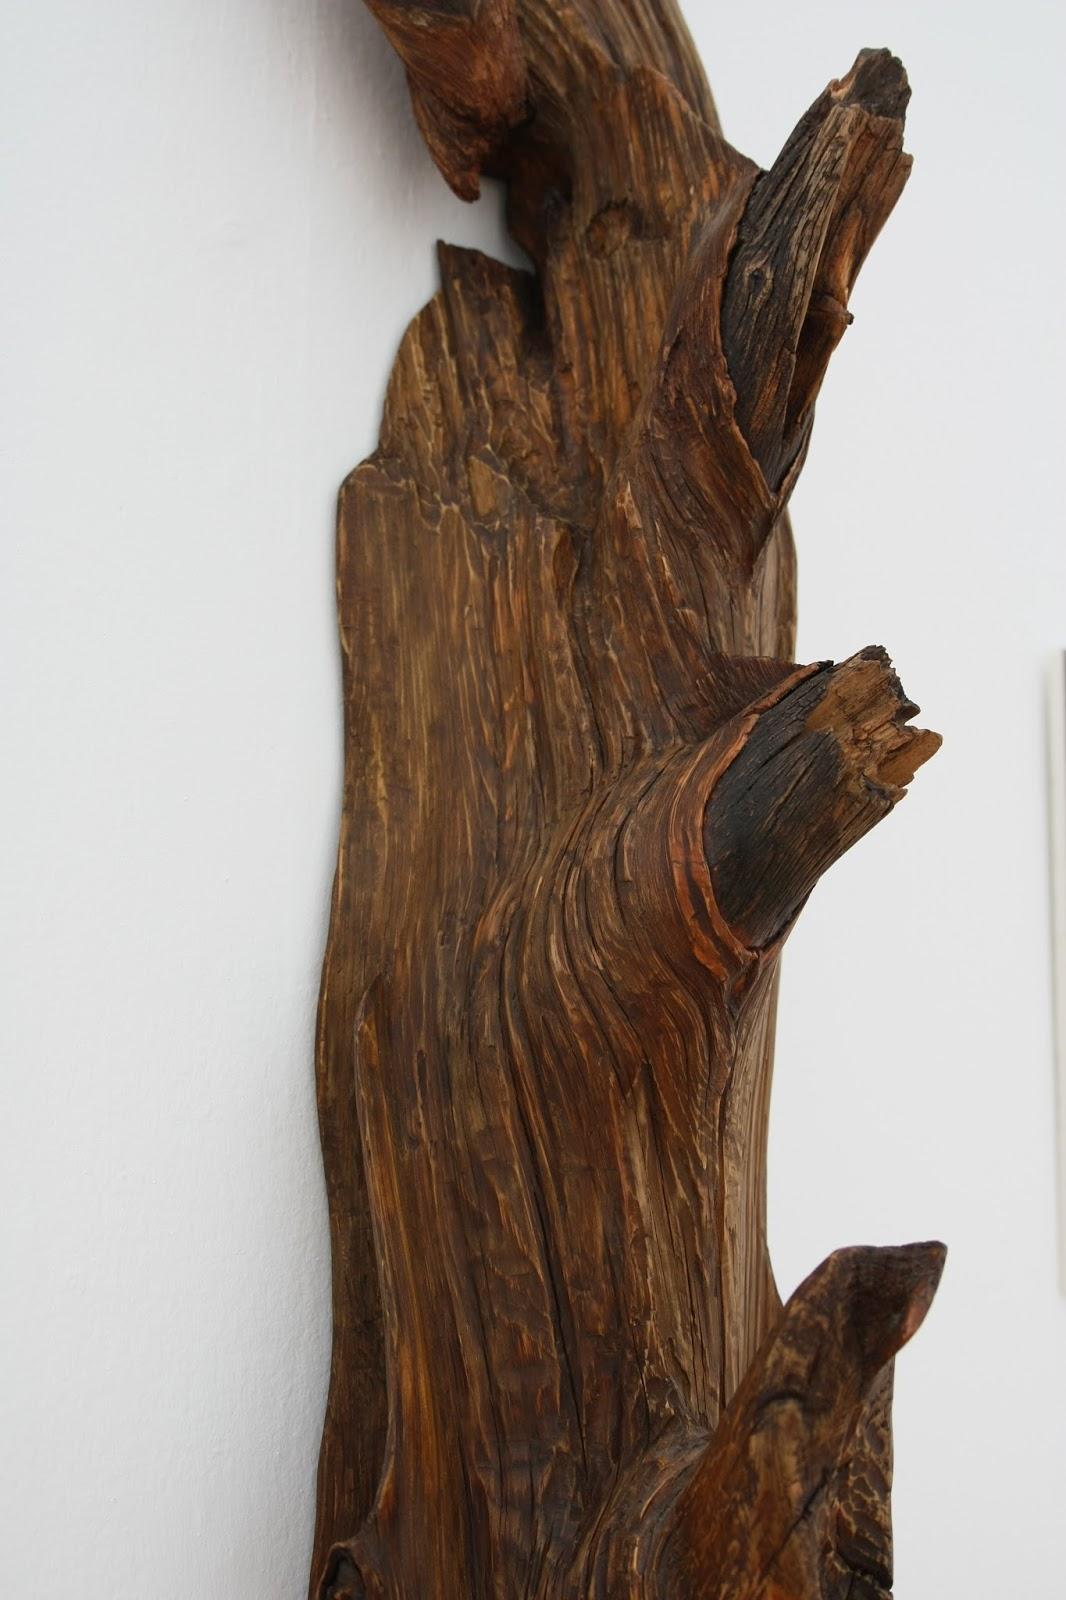 Tronco de madera para decorar - Troncos de madera para decorar ...